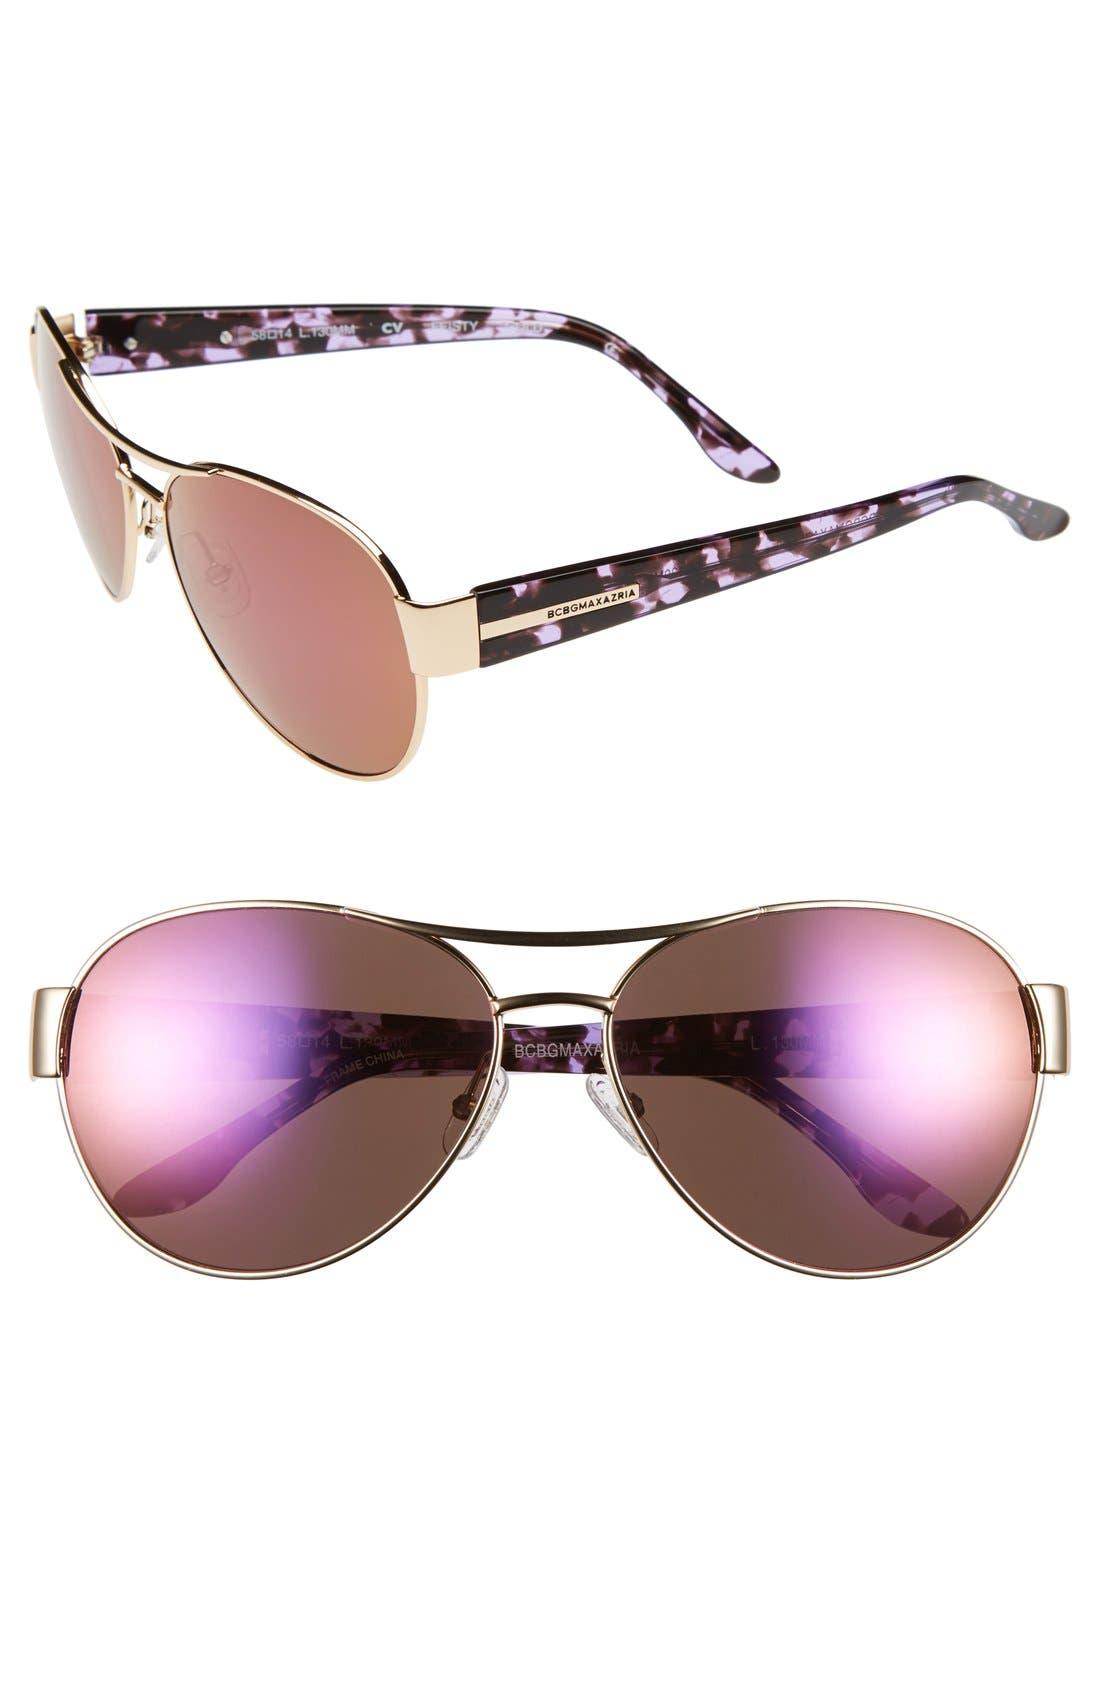 Main Image - BCBGMAXAZRIA 'Feisty' 58mm Sunglasses